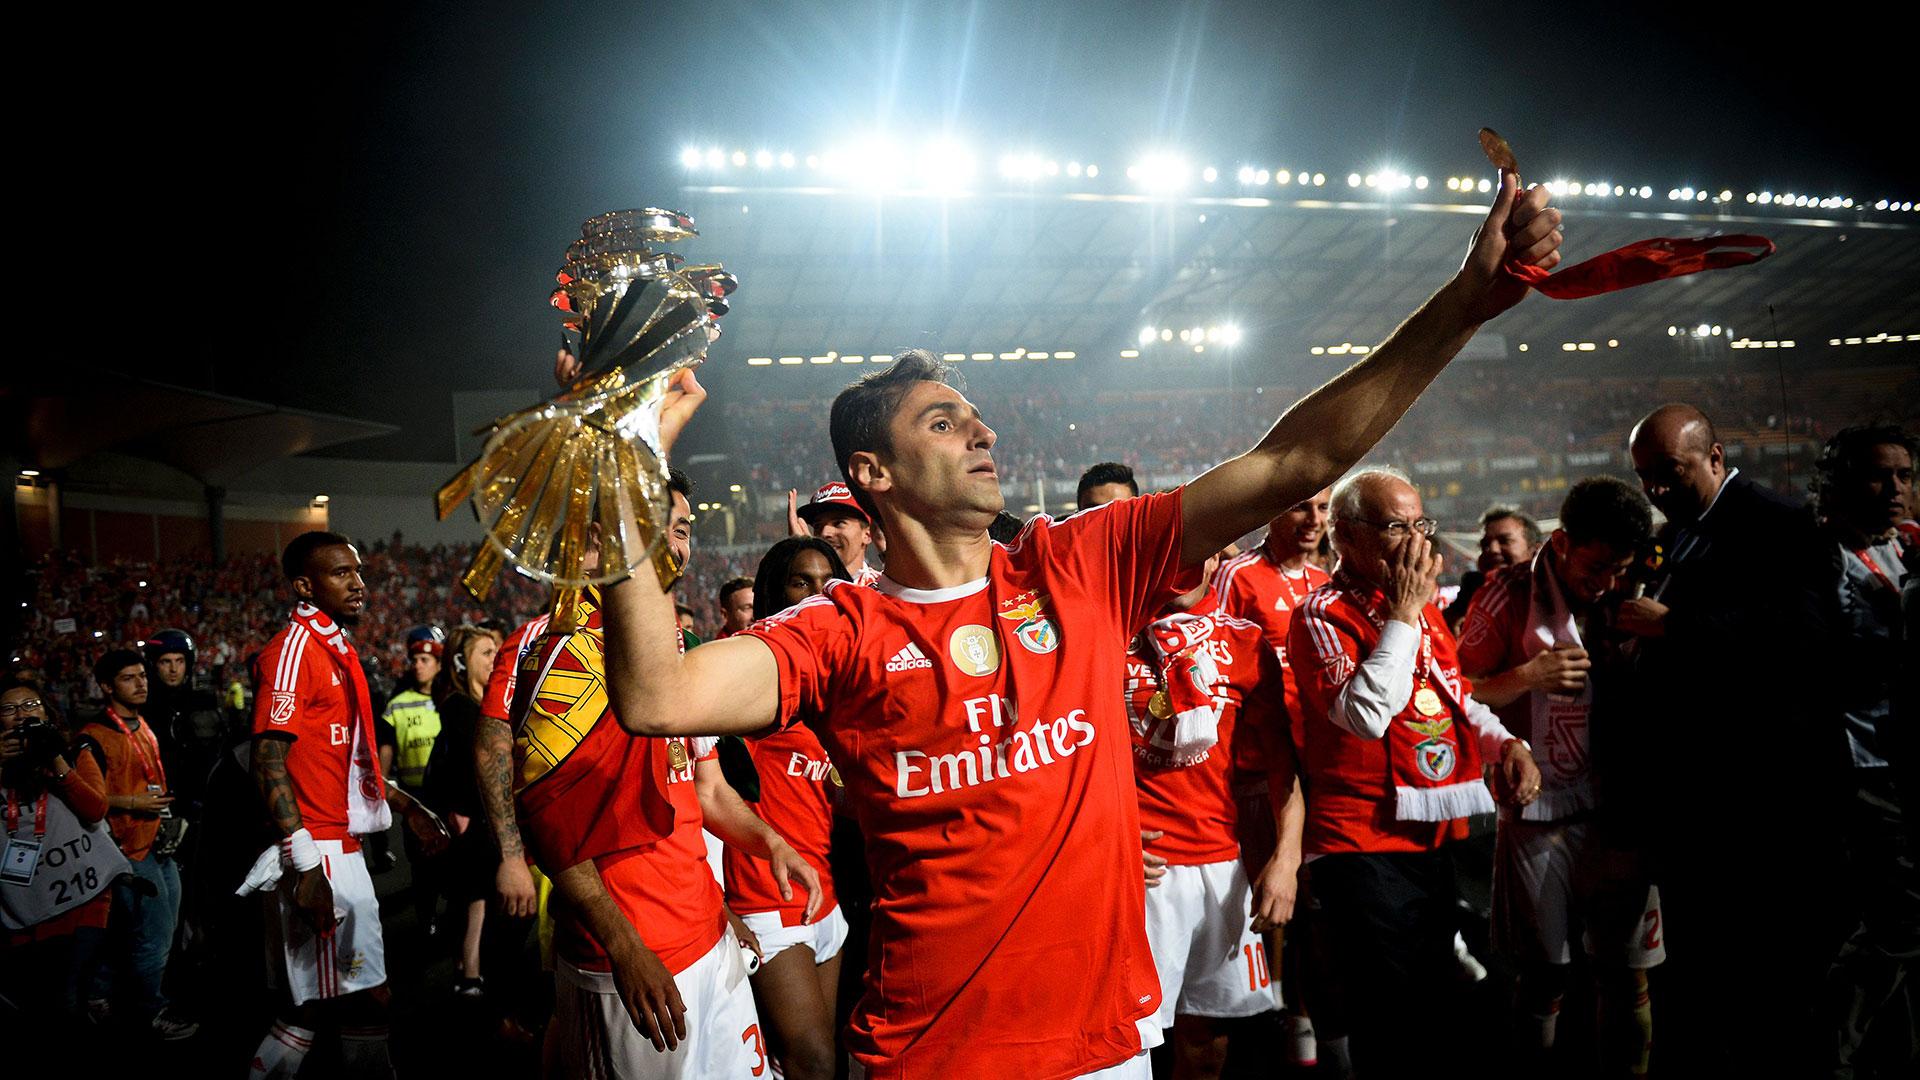 Jonas Benfica